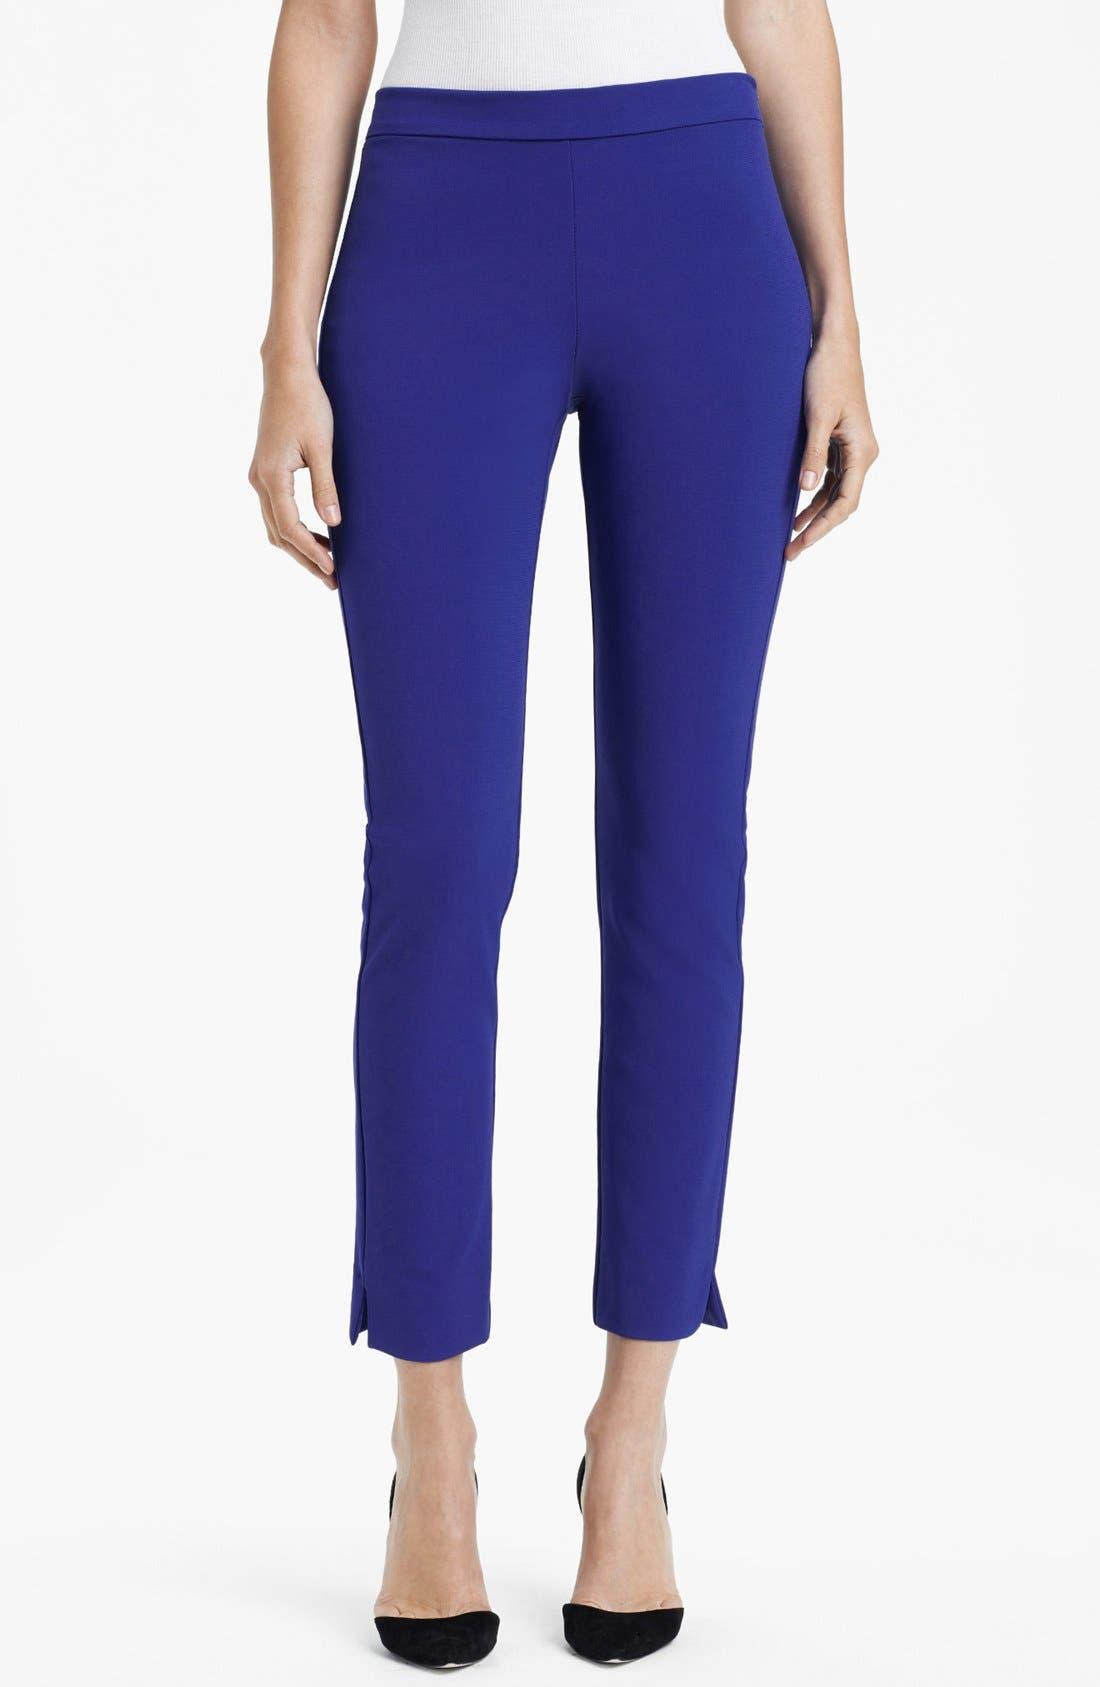 Main Image - Max Mara 'Nave' Jersey Pants